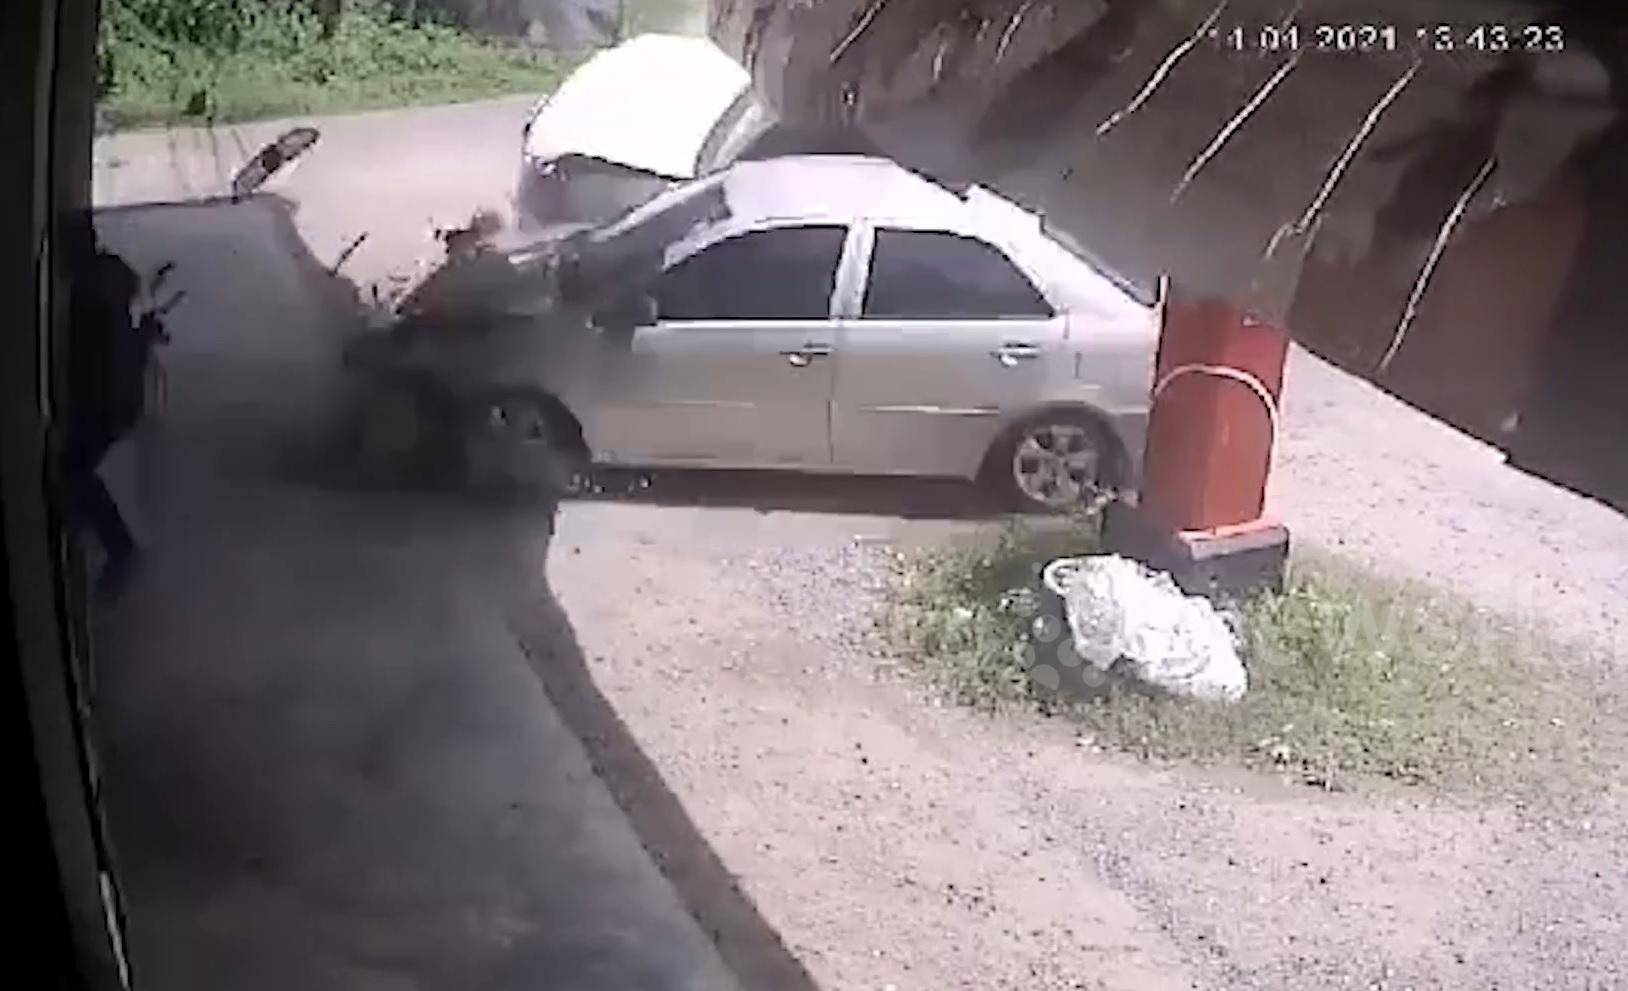 Lexus LX 470 mất lái đâm tan nát chiếc ô tô đỗ bên đường Ảnh 1